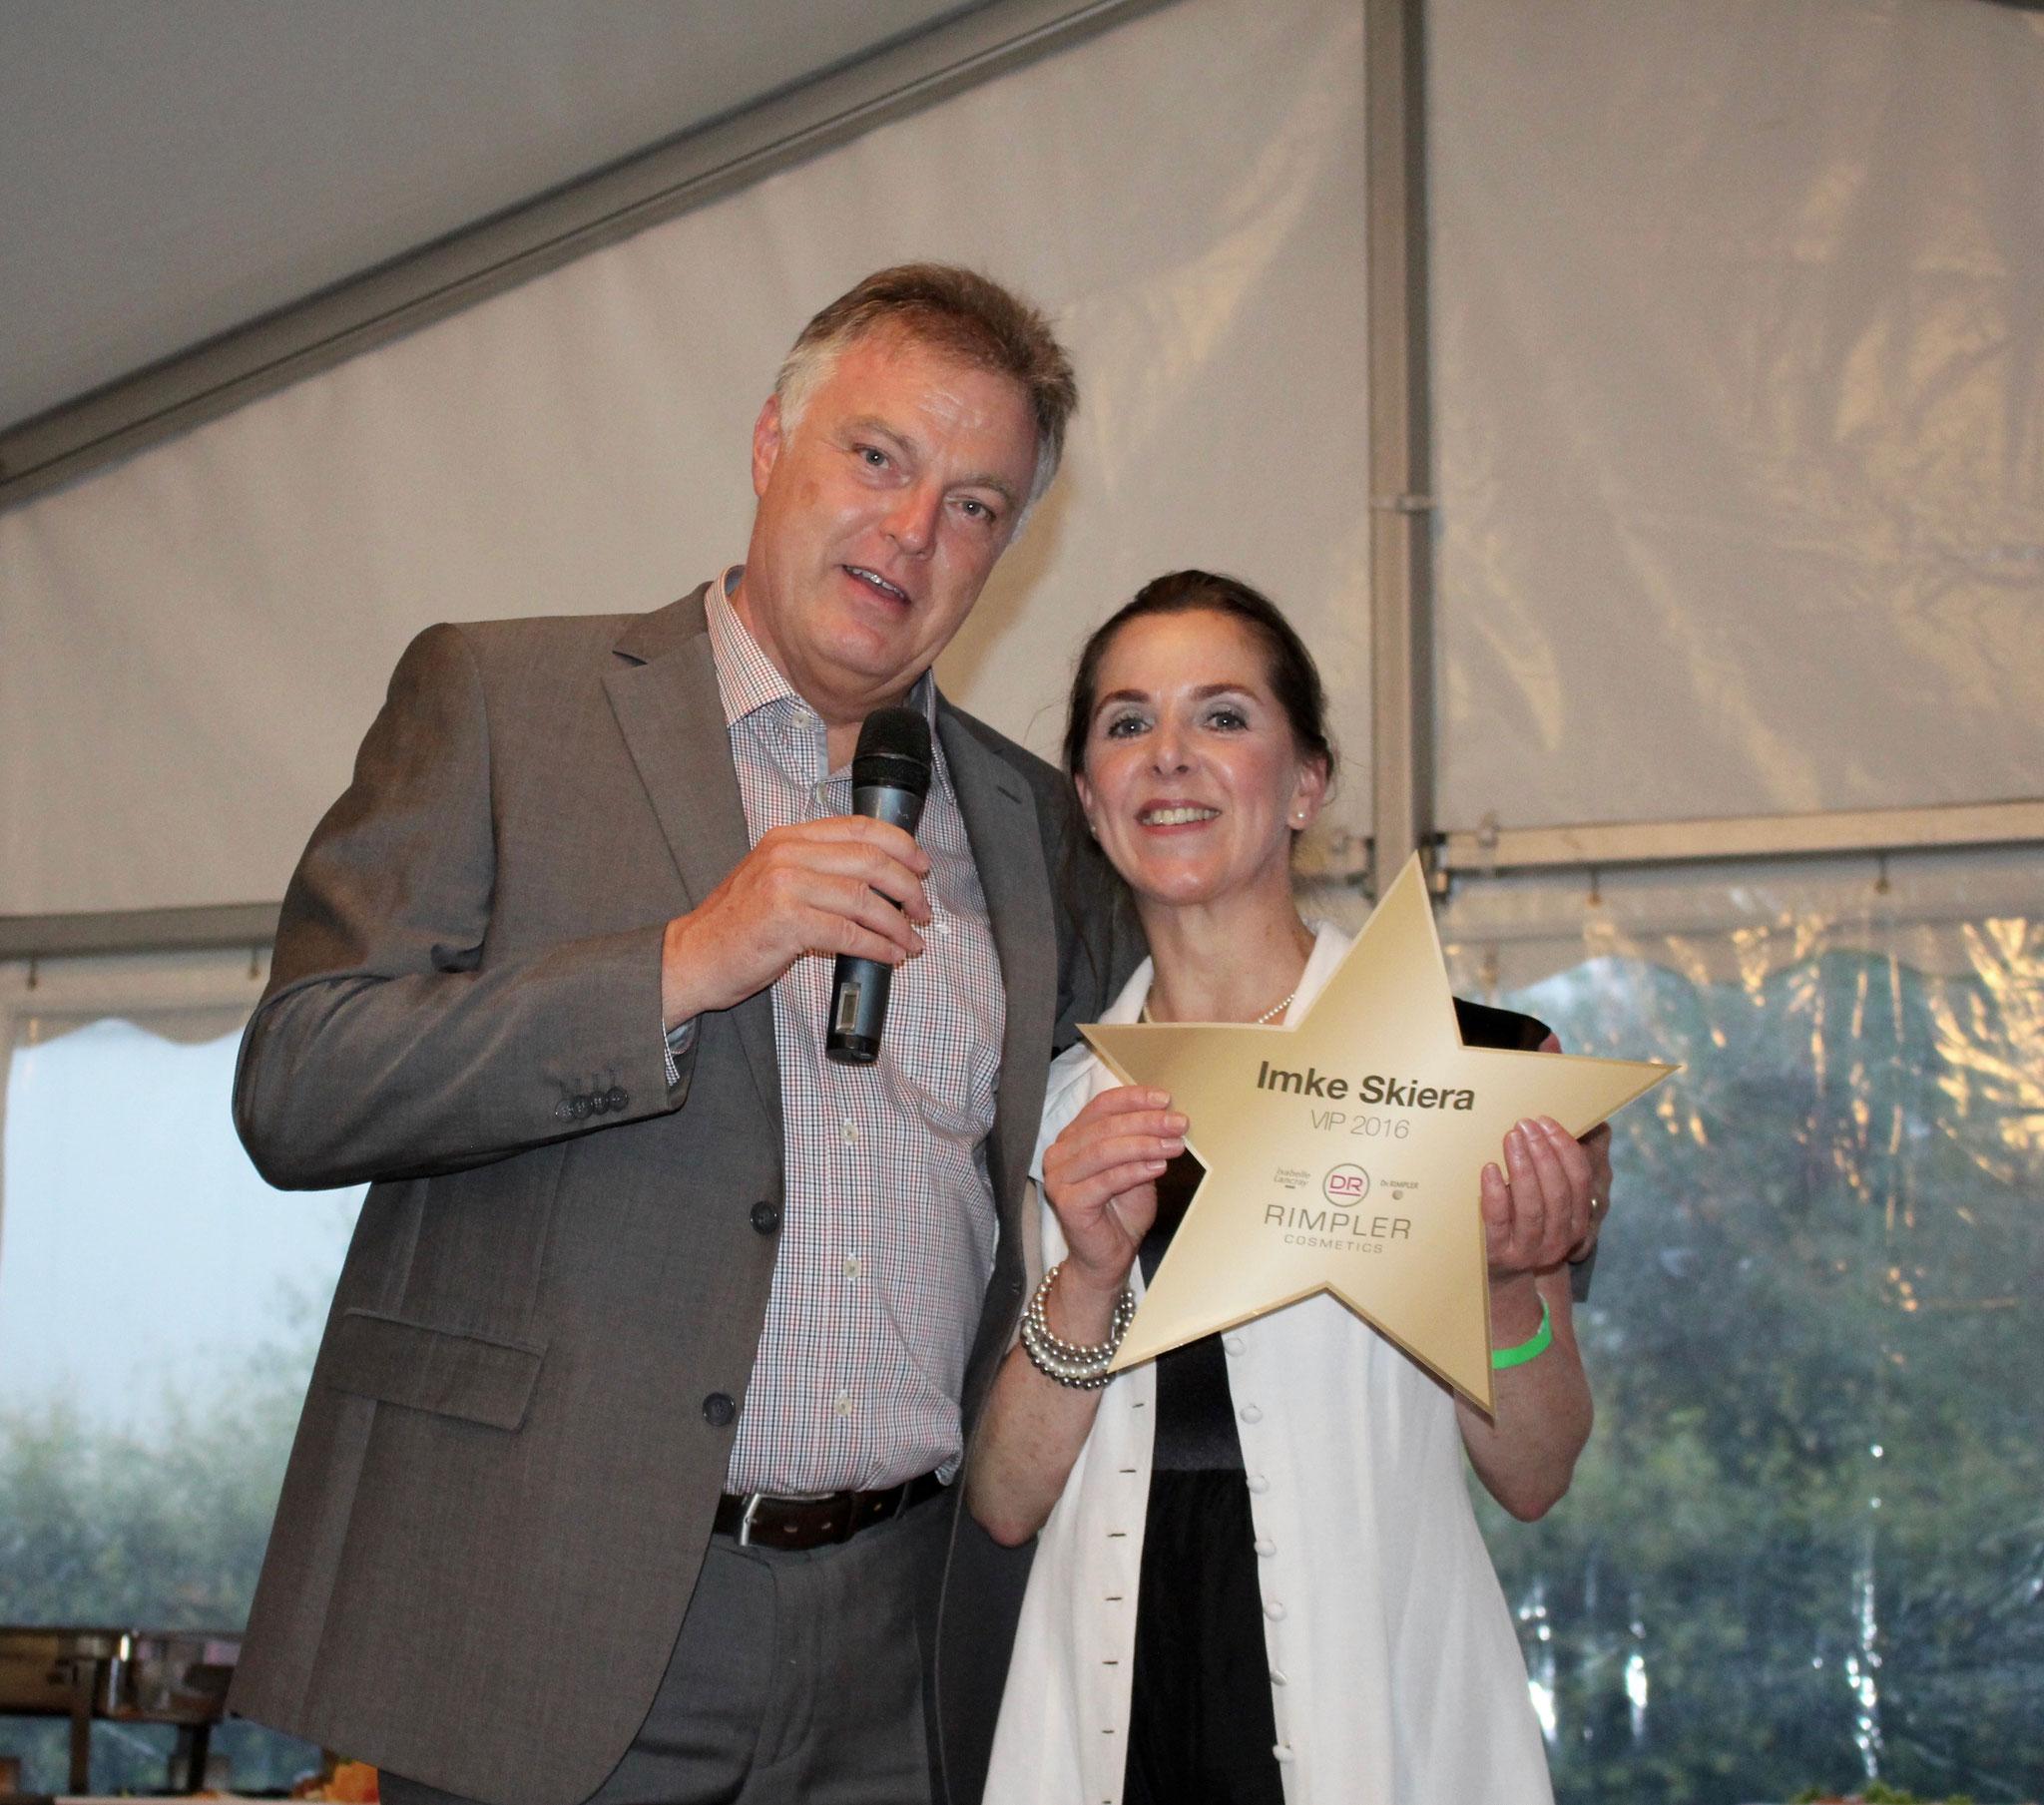 Frau Skiera erhält die persönliche Auszeichnung von Dr. Christian Rimpler für Ihre Leistungen der letzten Jahre.